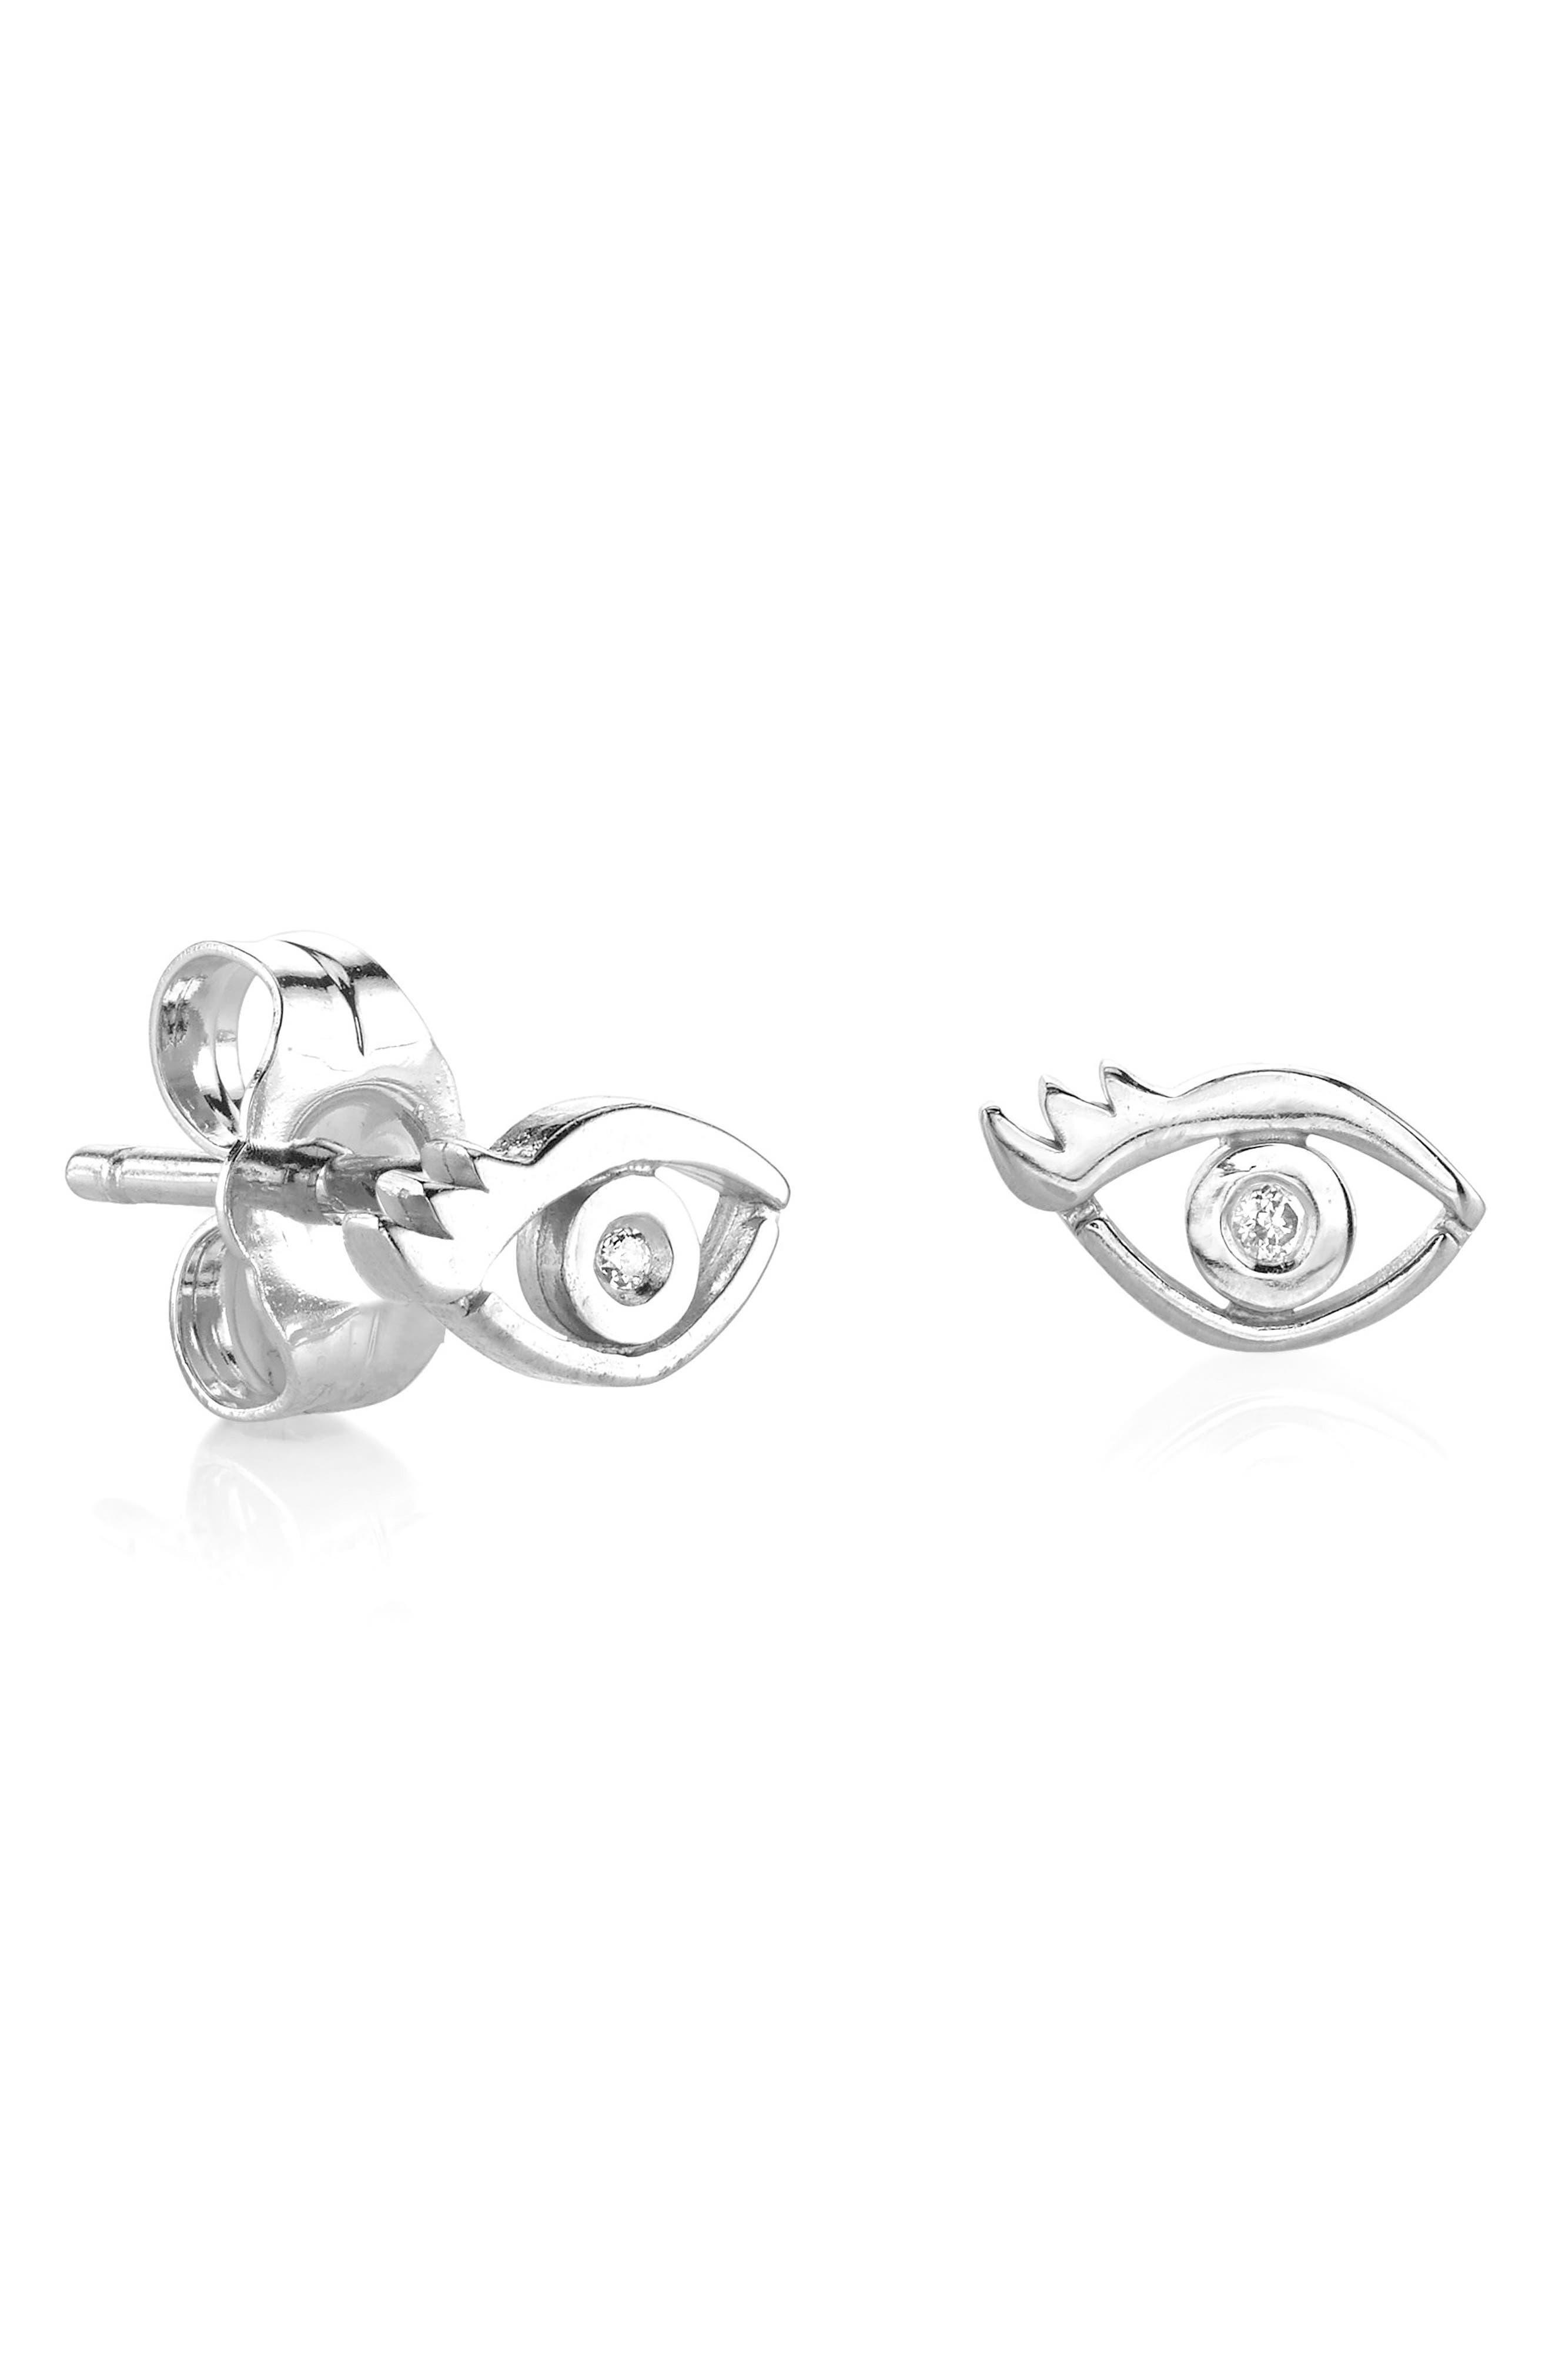 Shy by SE Evil Eye Diamond Stud Earrings,                         Main,                         color, SILVER